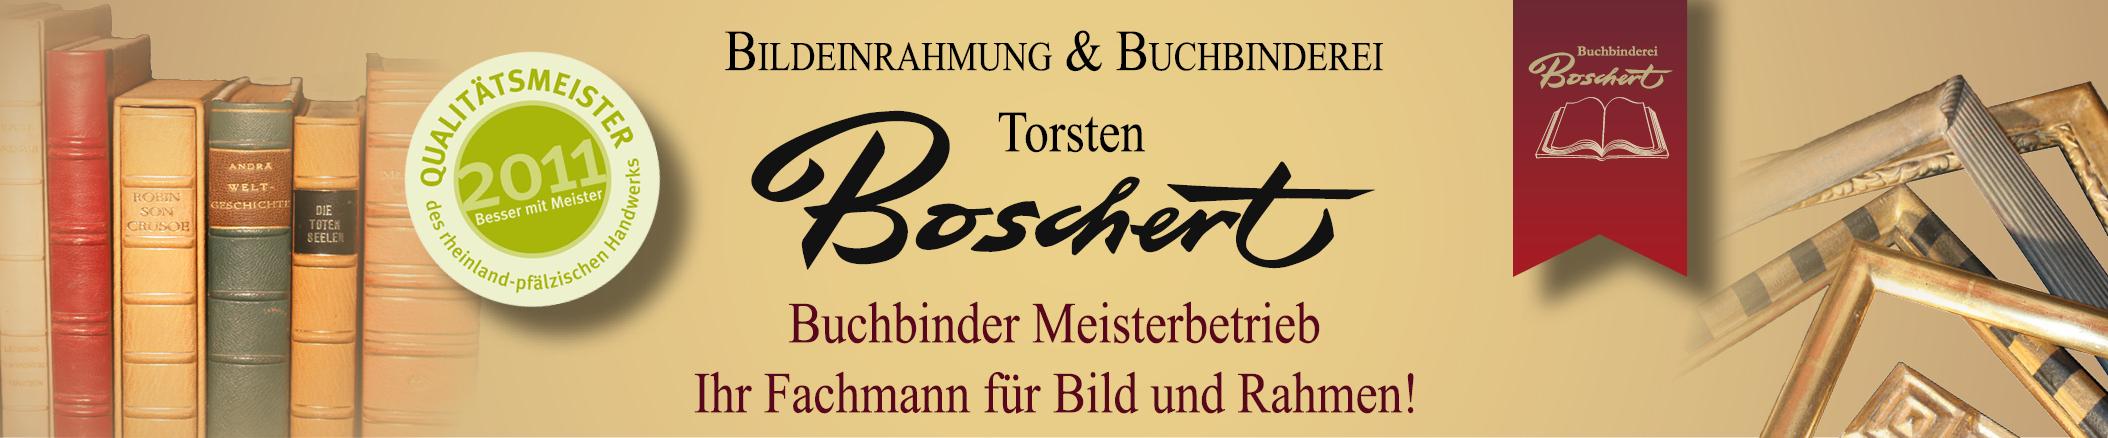 Buchbinderei Boschert